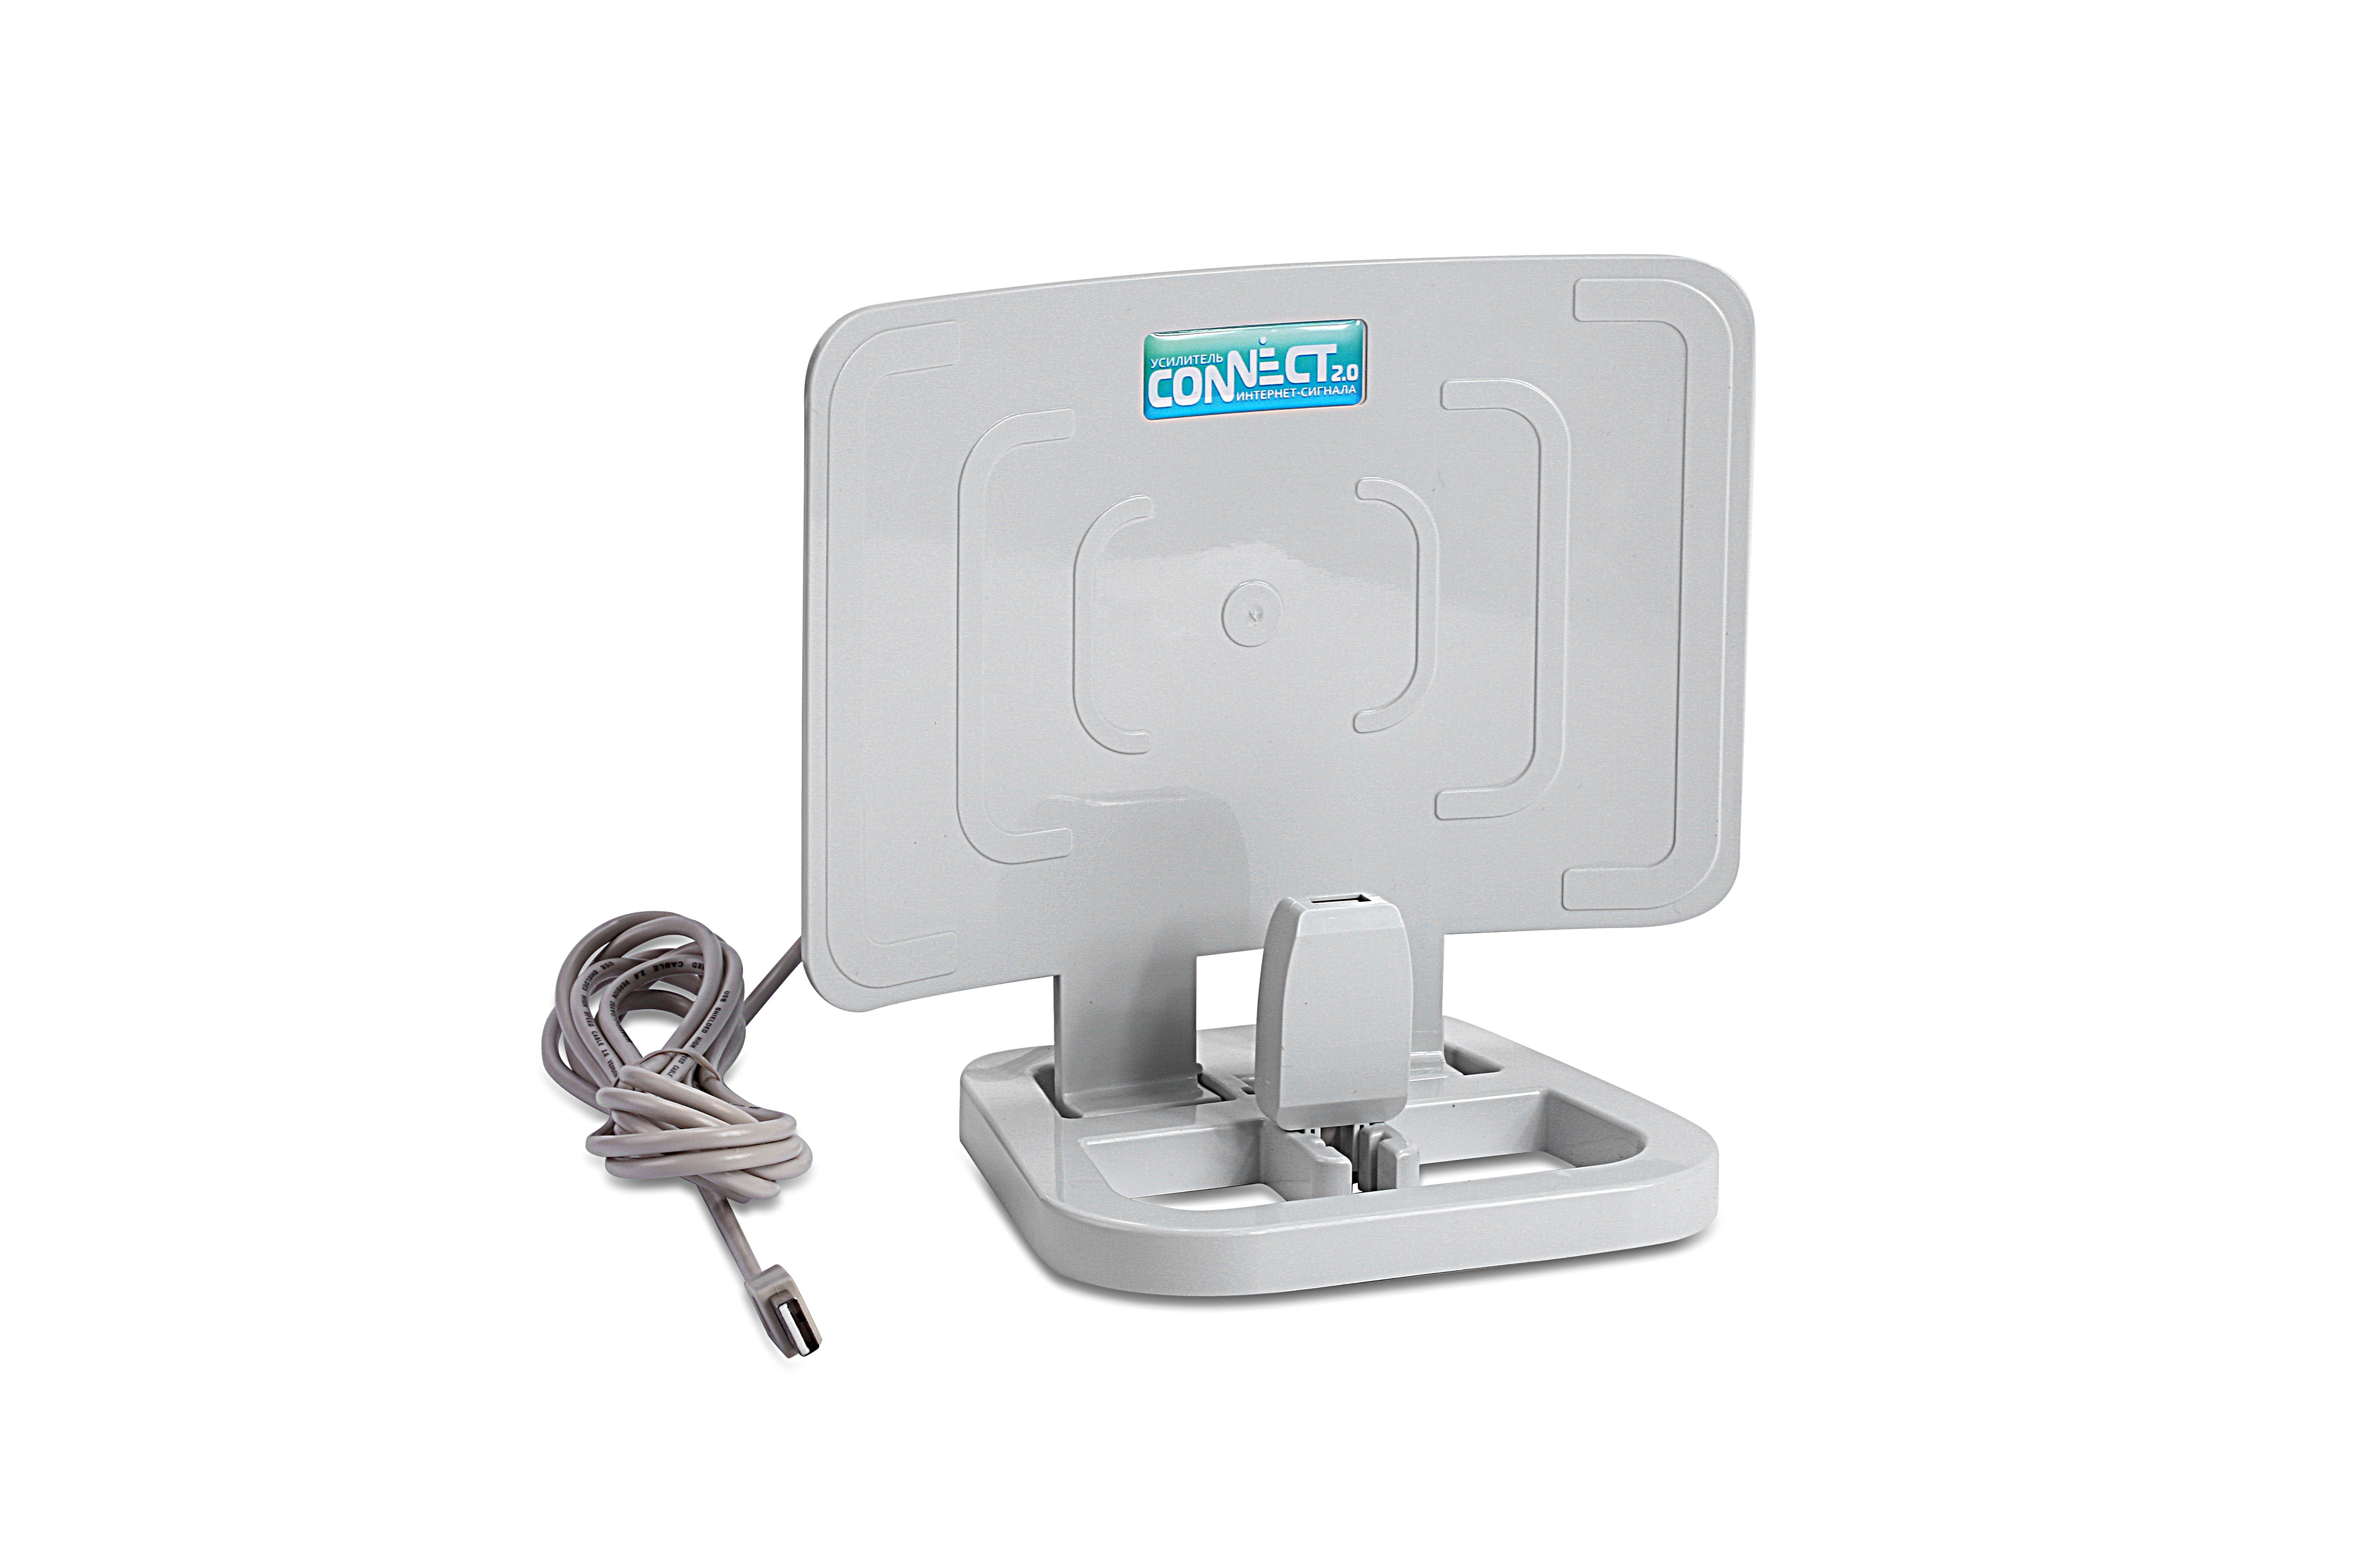 connect 2.0 усилитель интернет сигнала usb модемов инструкция